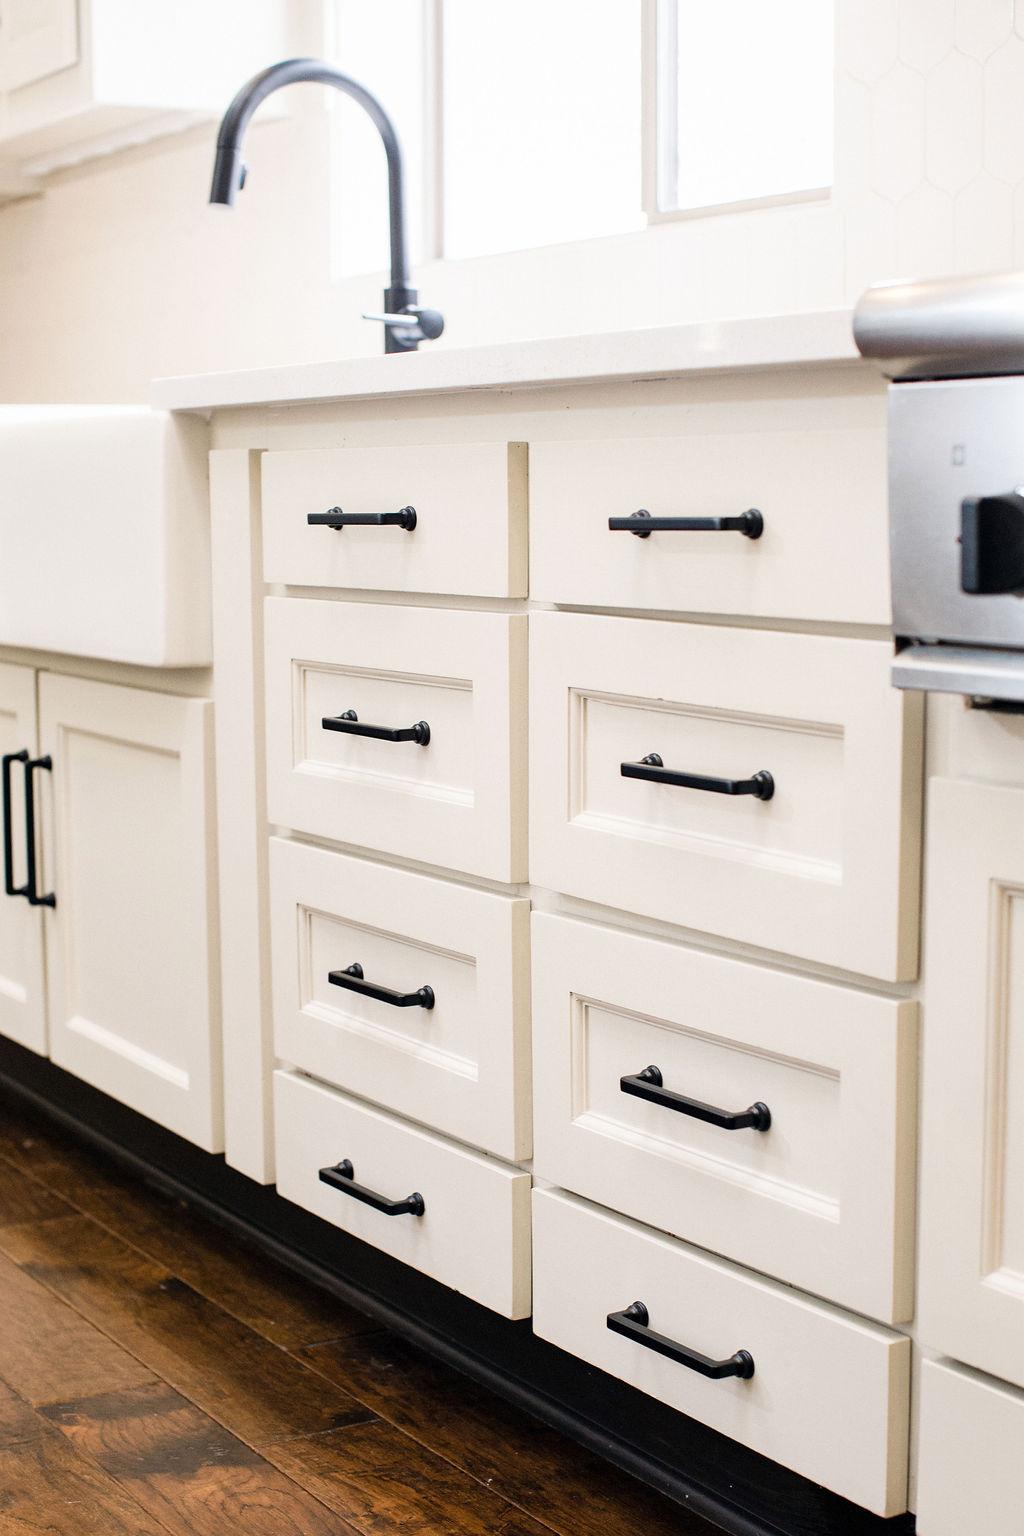 eanes undersink drawers.jpg